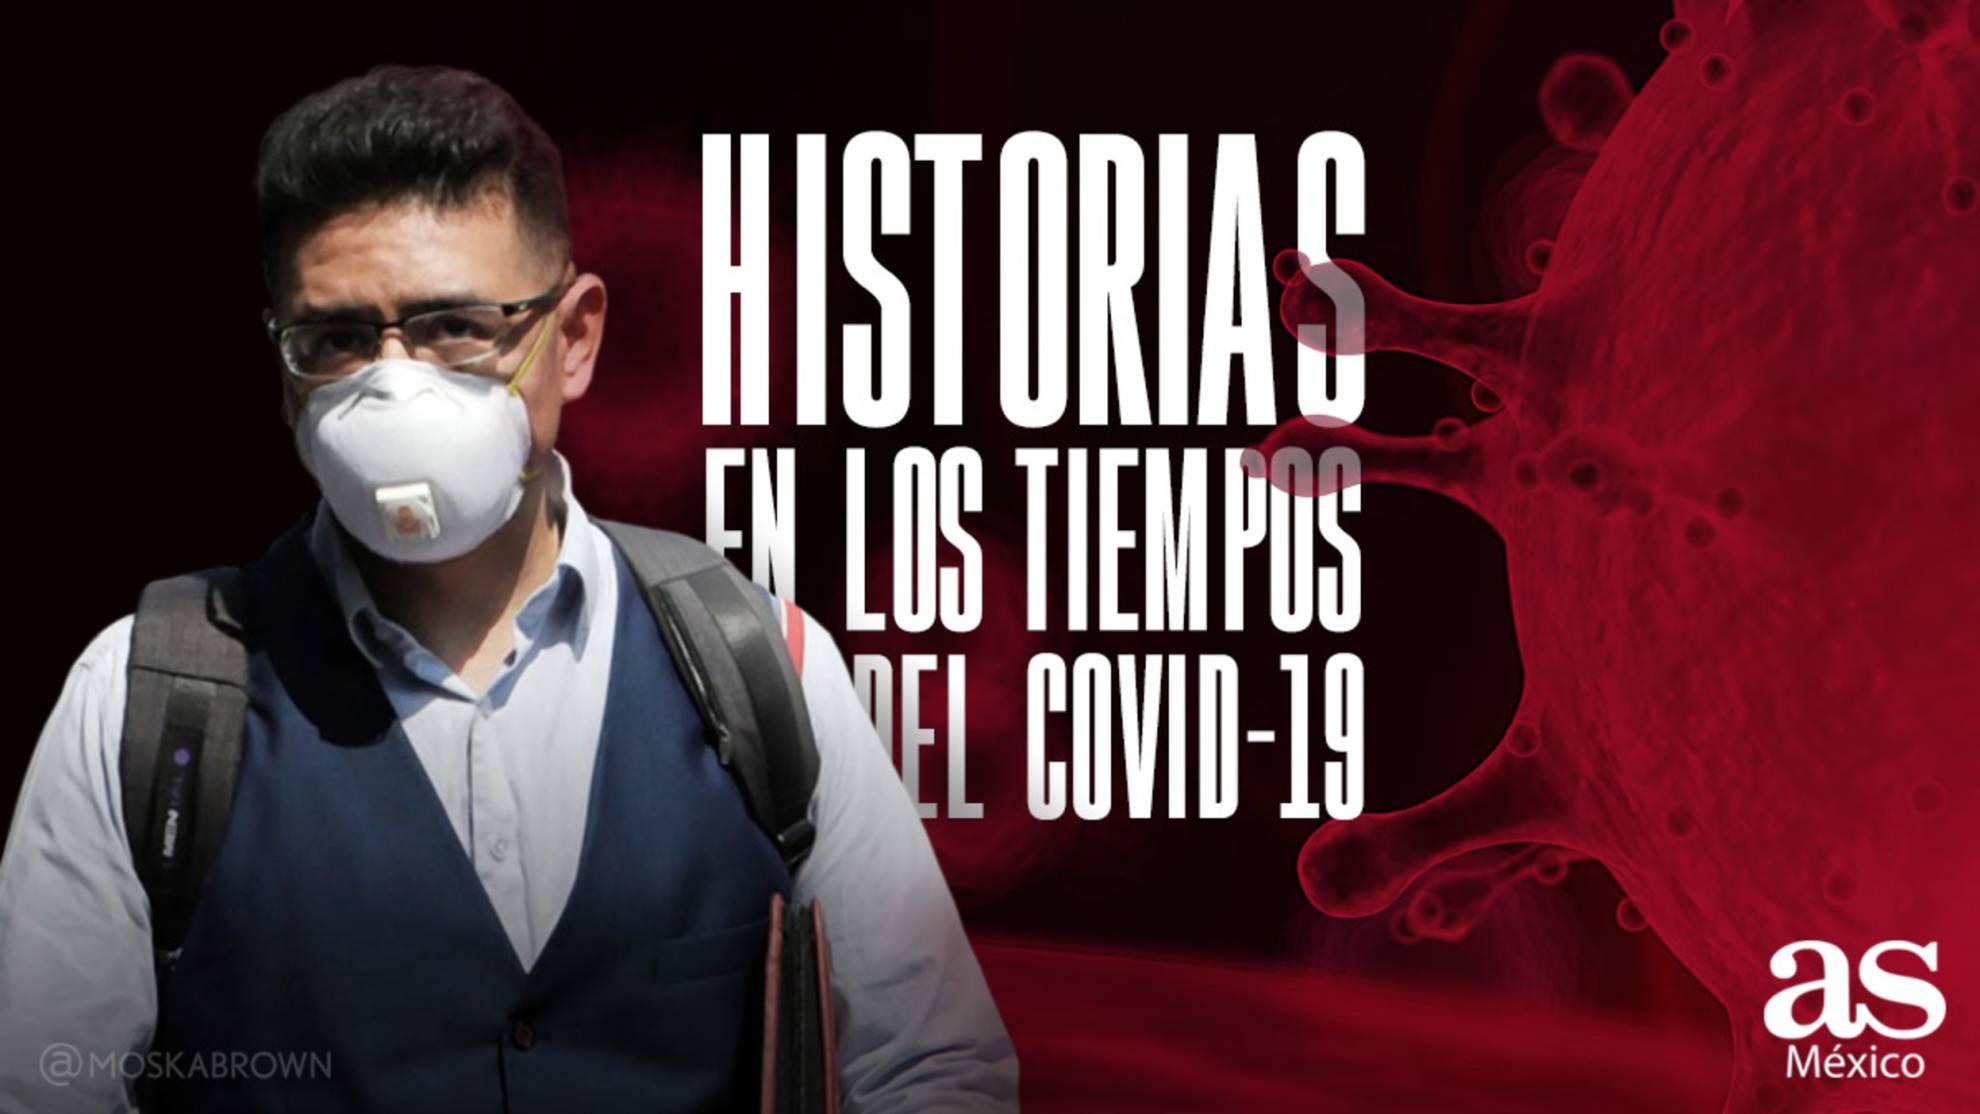 Amables Antes La Vecina coronavirus: historias en los tiempos del covid-19 - as méxico